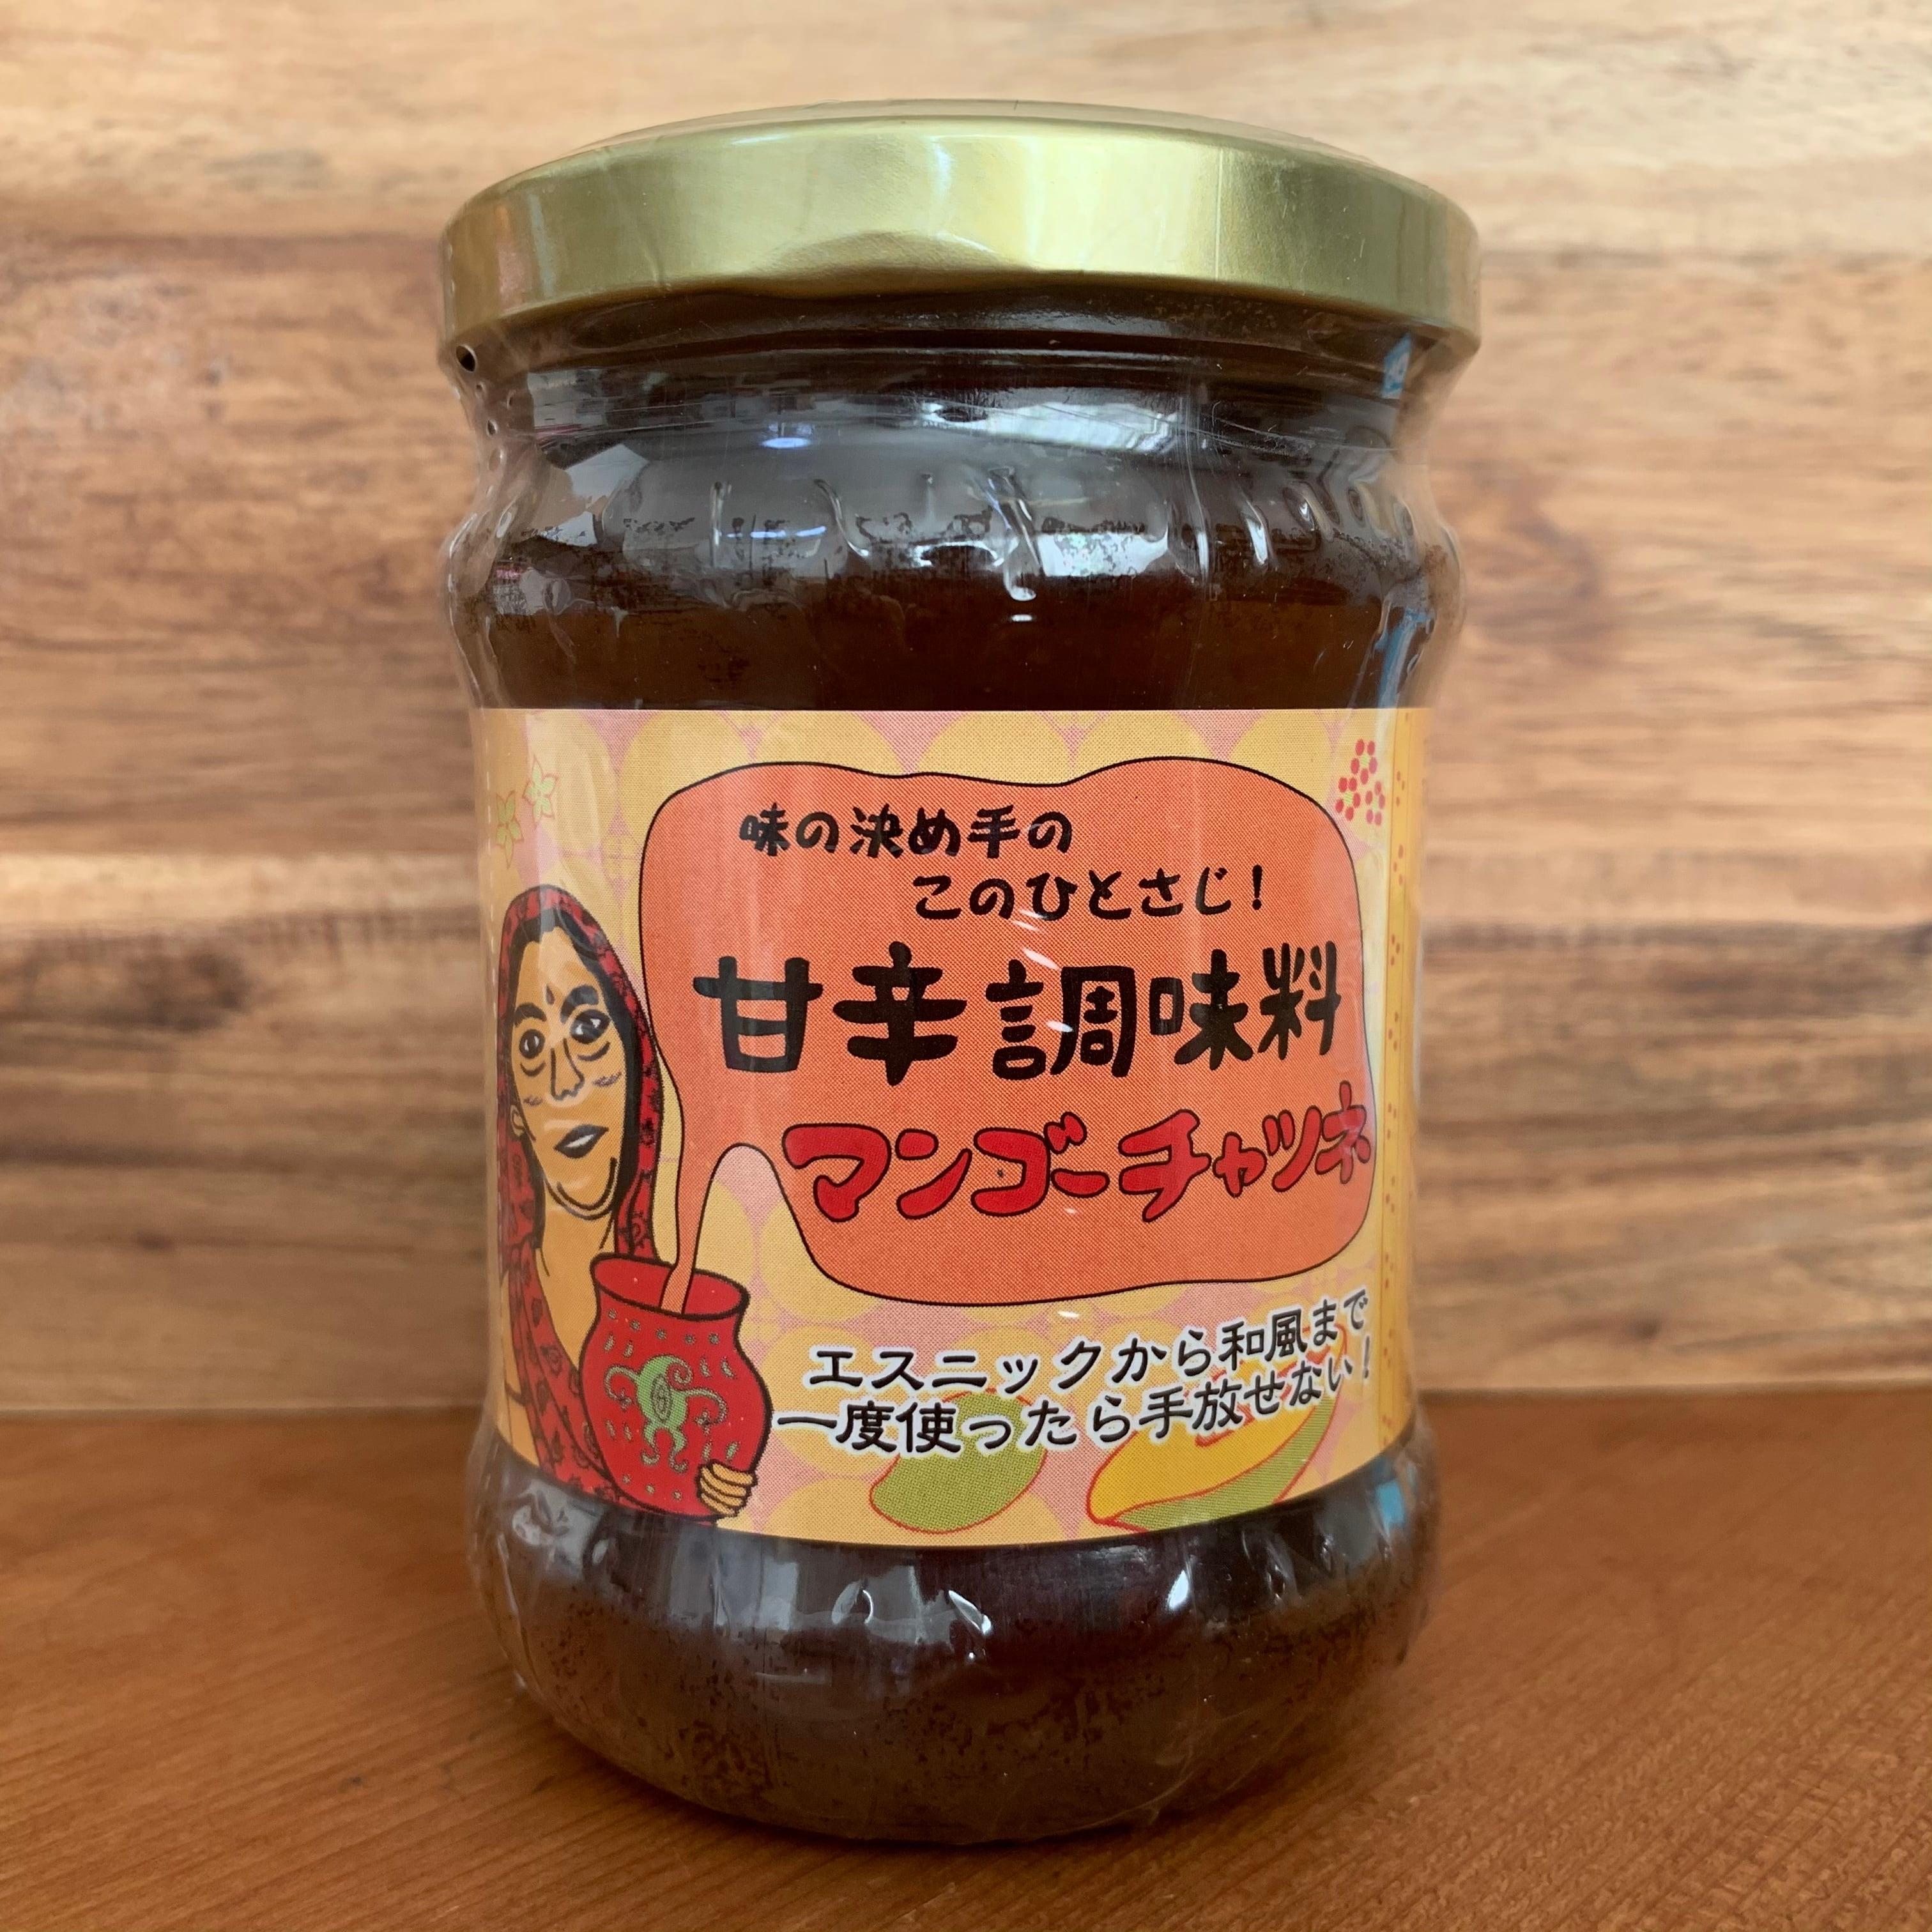 マンゴーチャツネ 【保存料・化学調味料不使用・万能甘辛調味料】